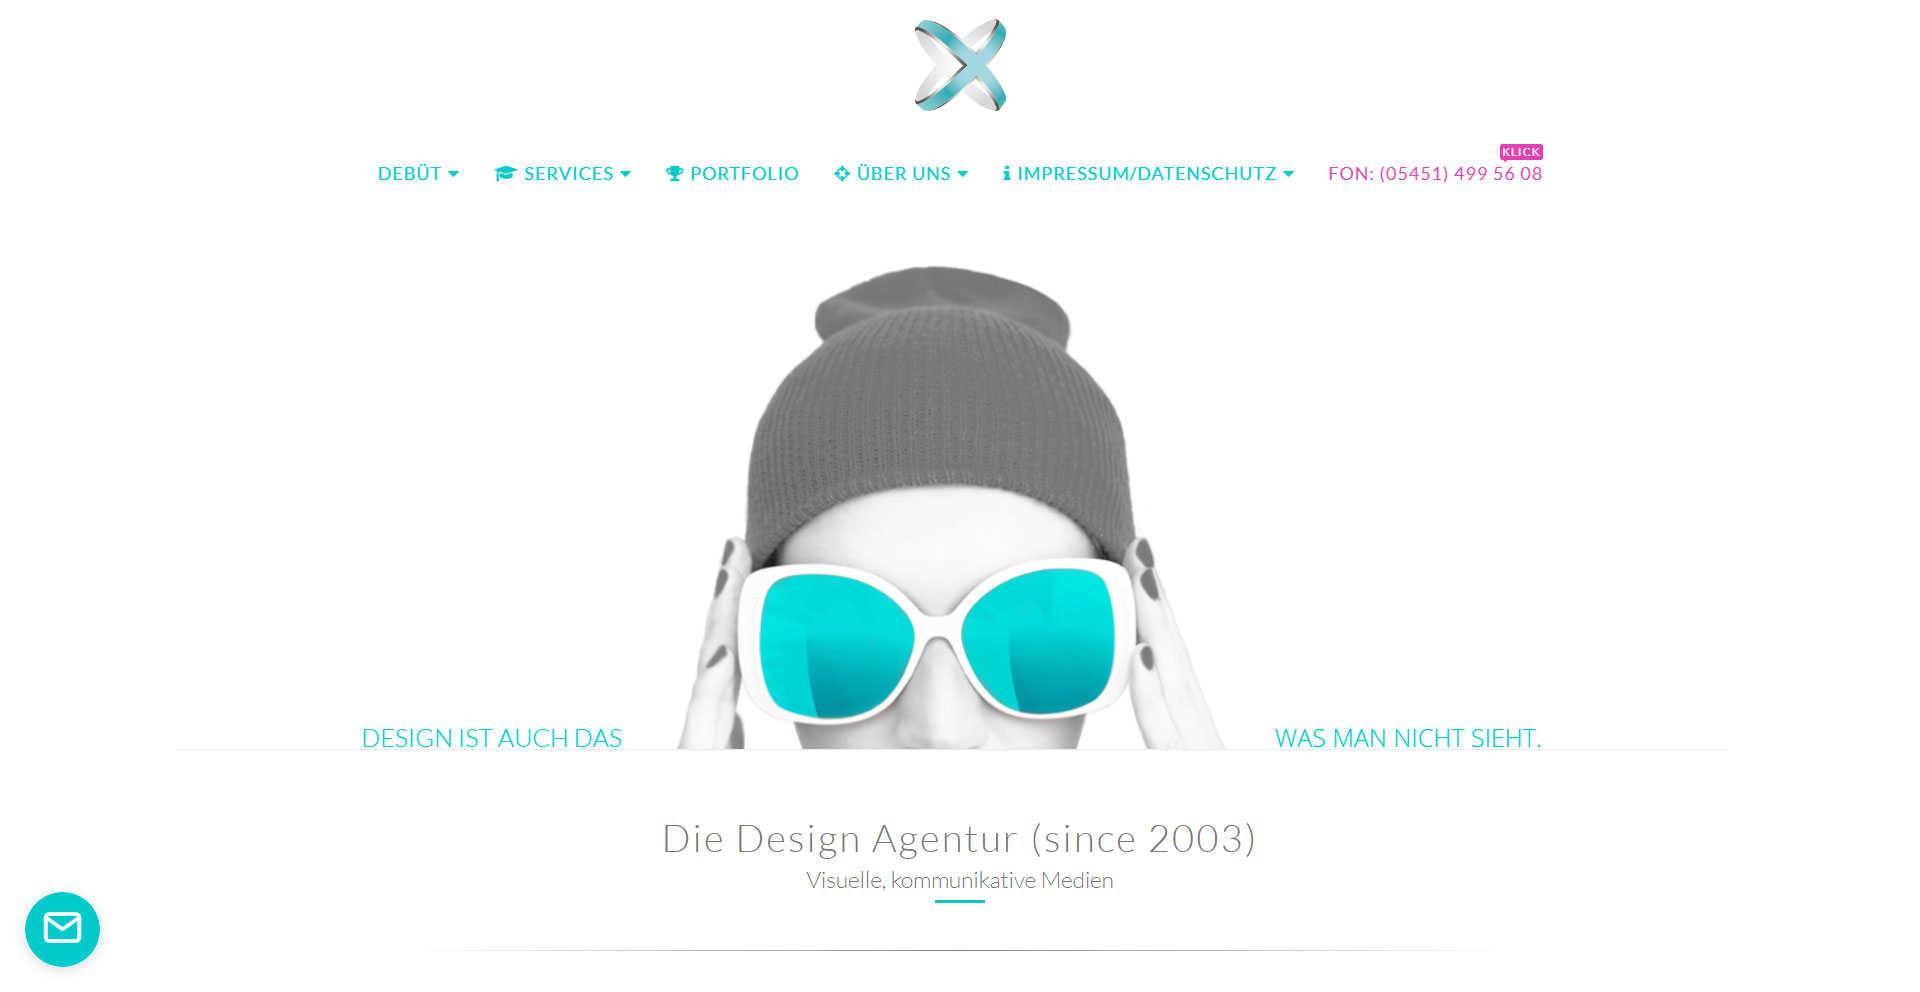 OXOONO media - Web- und Design-Agentur - Ibbenbüren